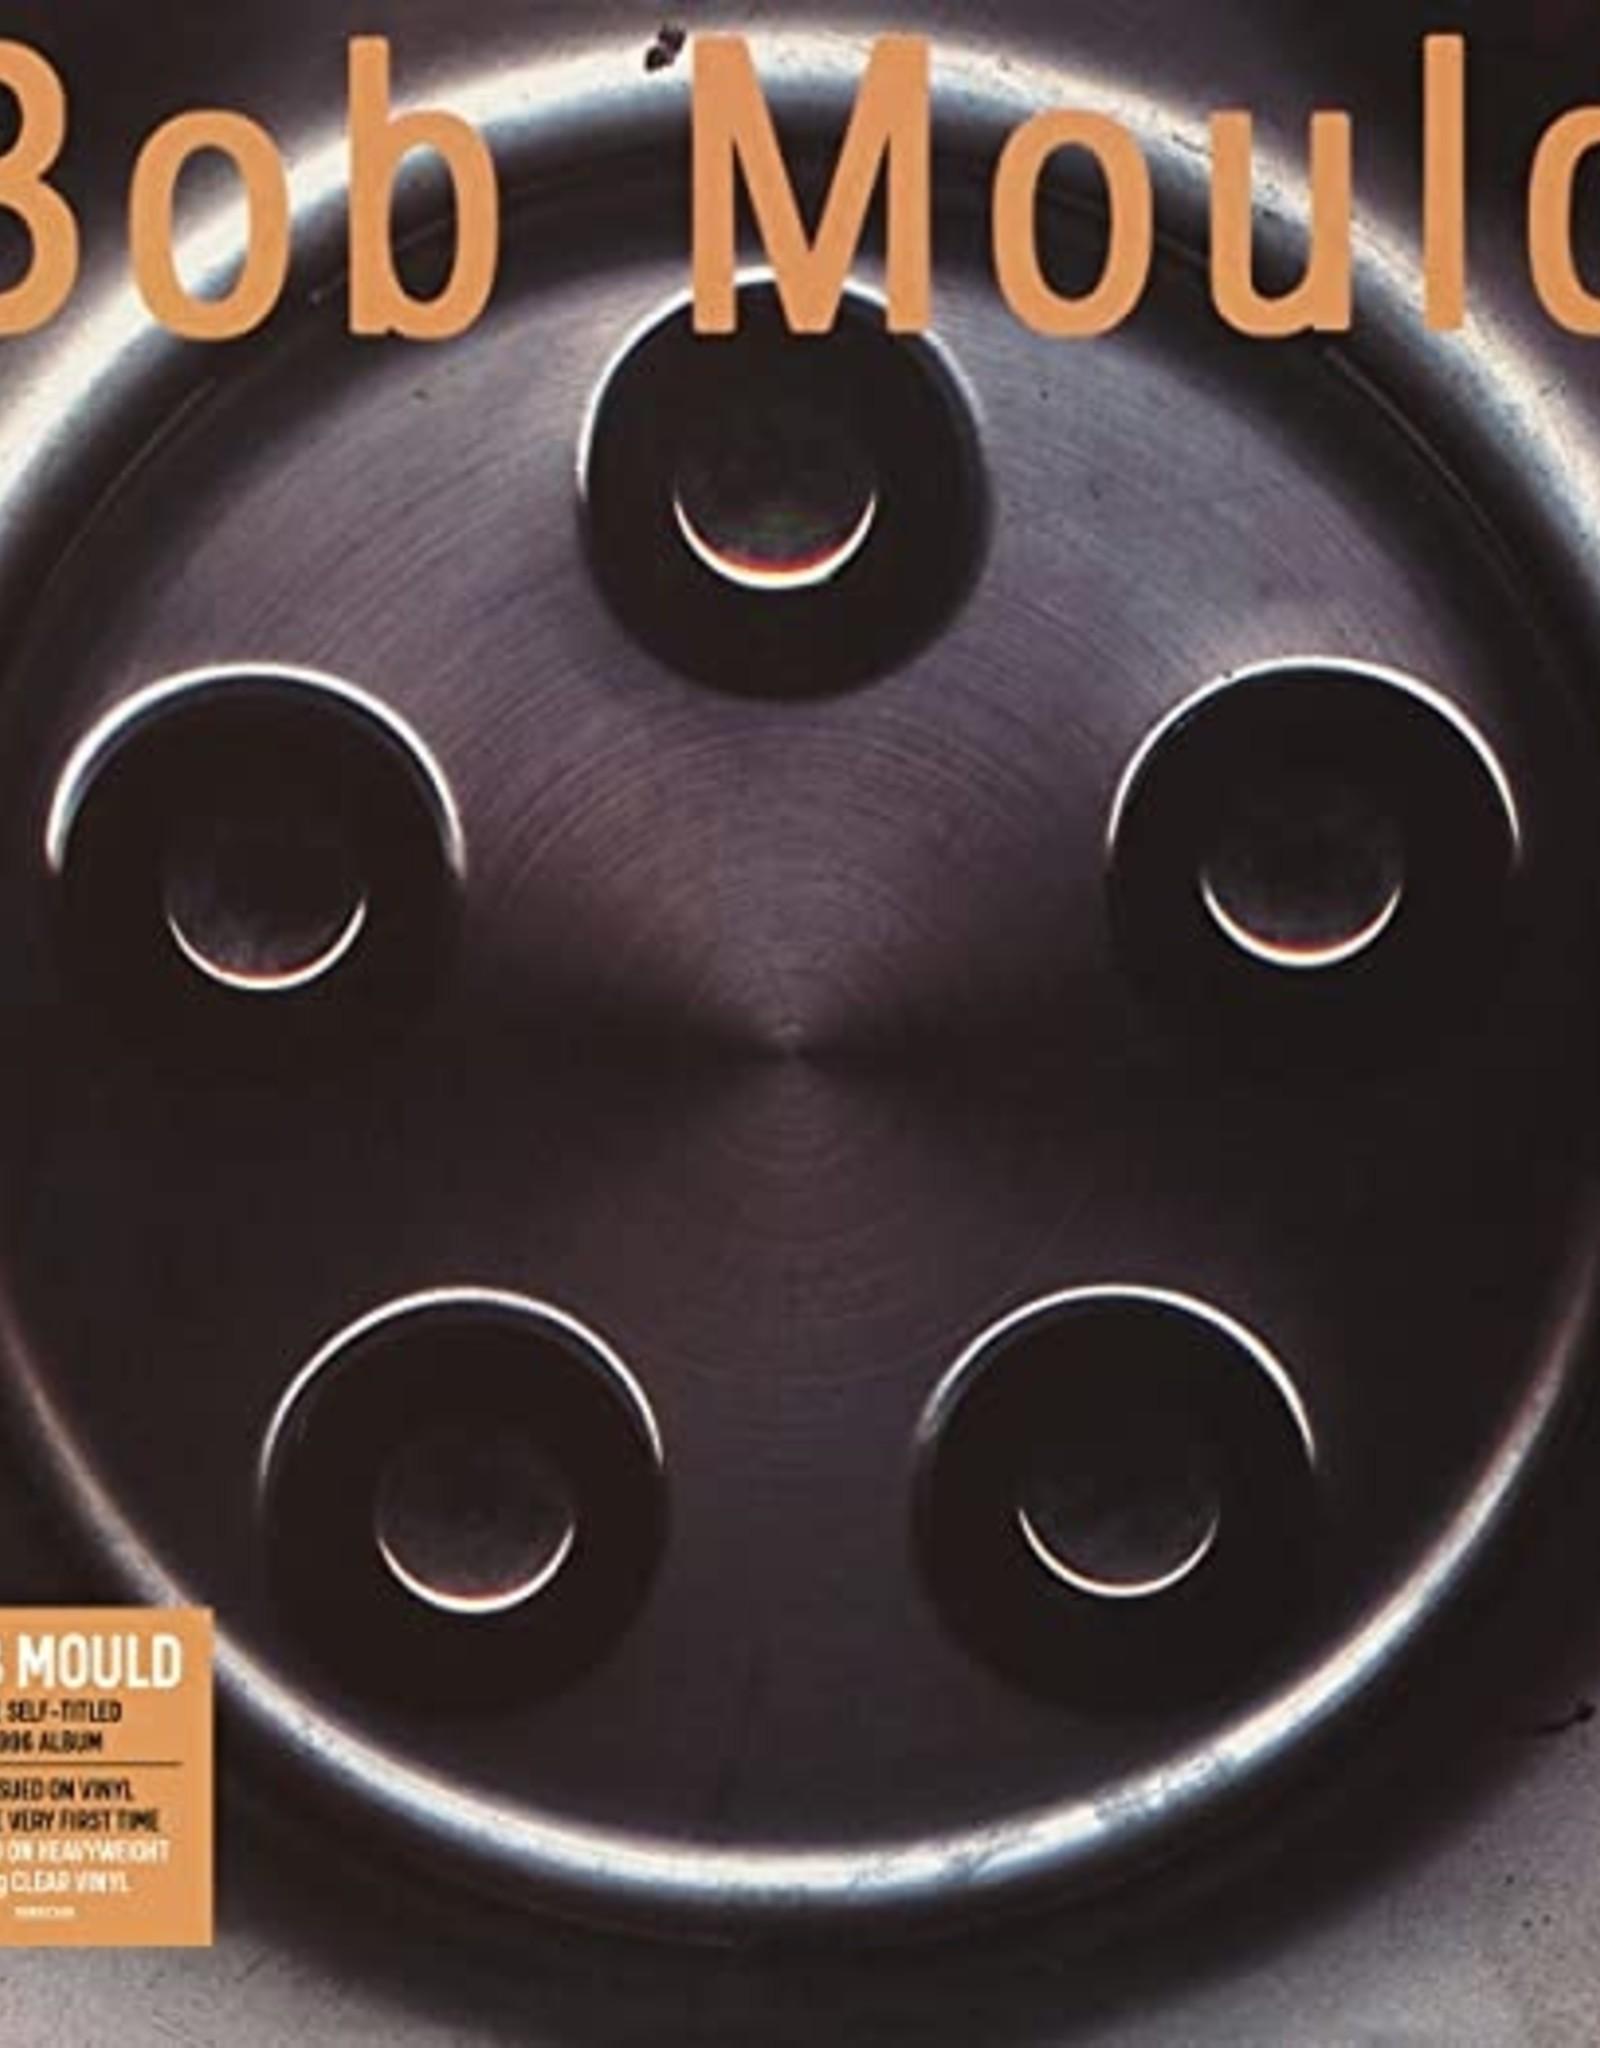 Bob Mould - Bob Mould (Heavyweight Clear Vinyl)